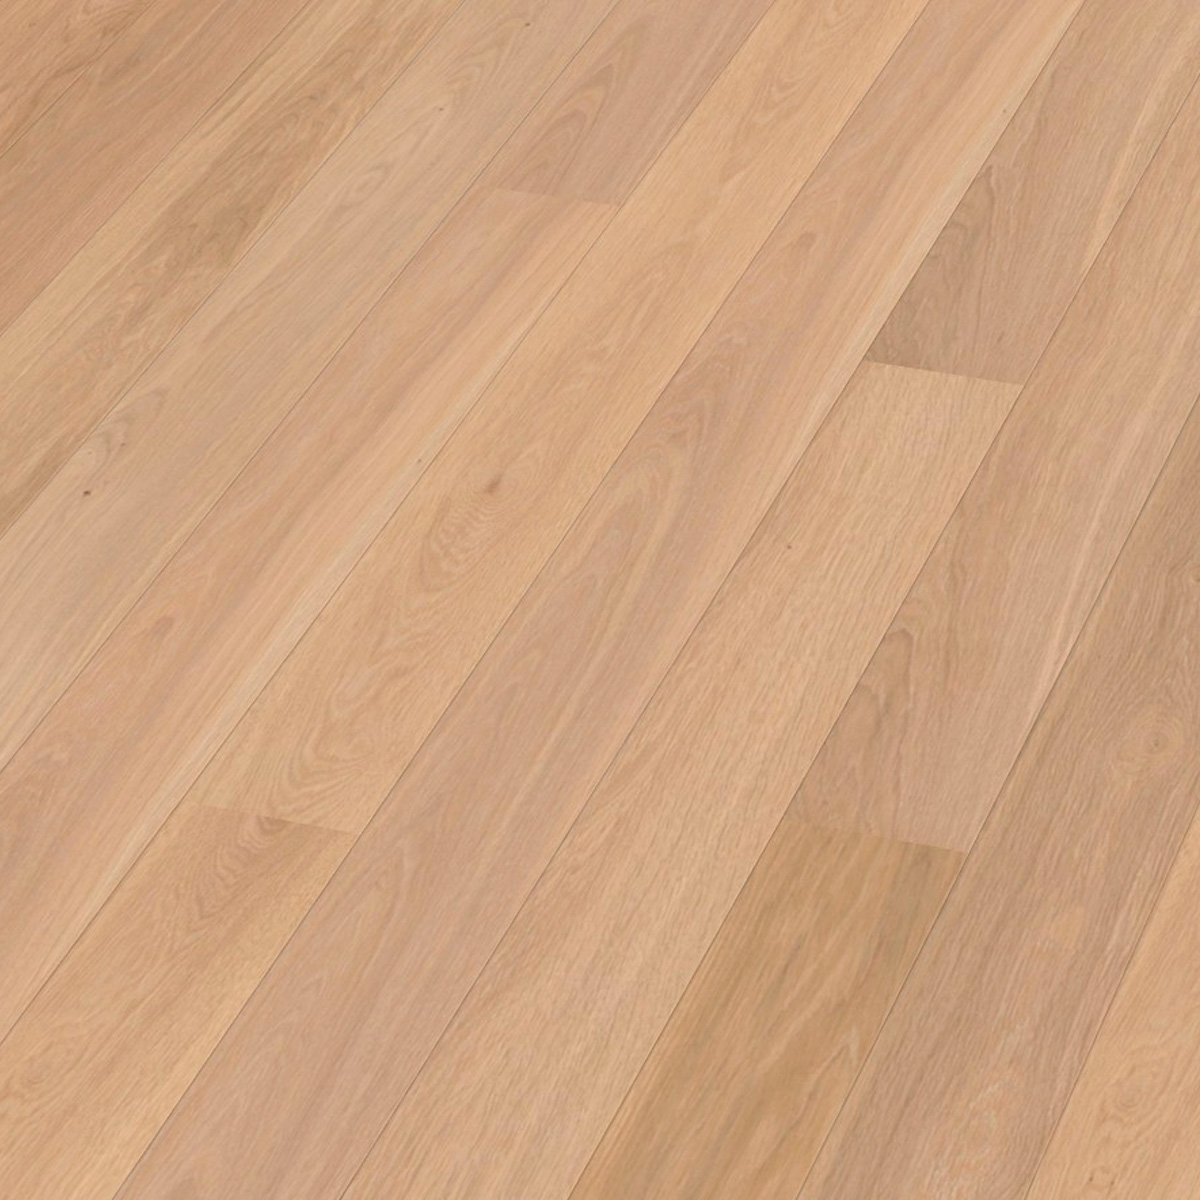 Parchet stratificat stejar andante lp plank_1